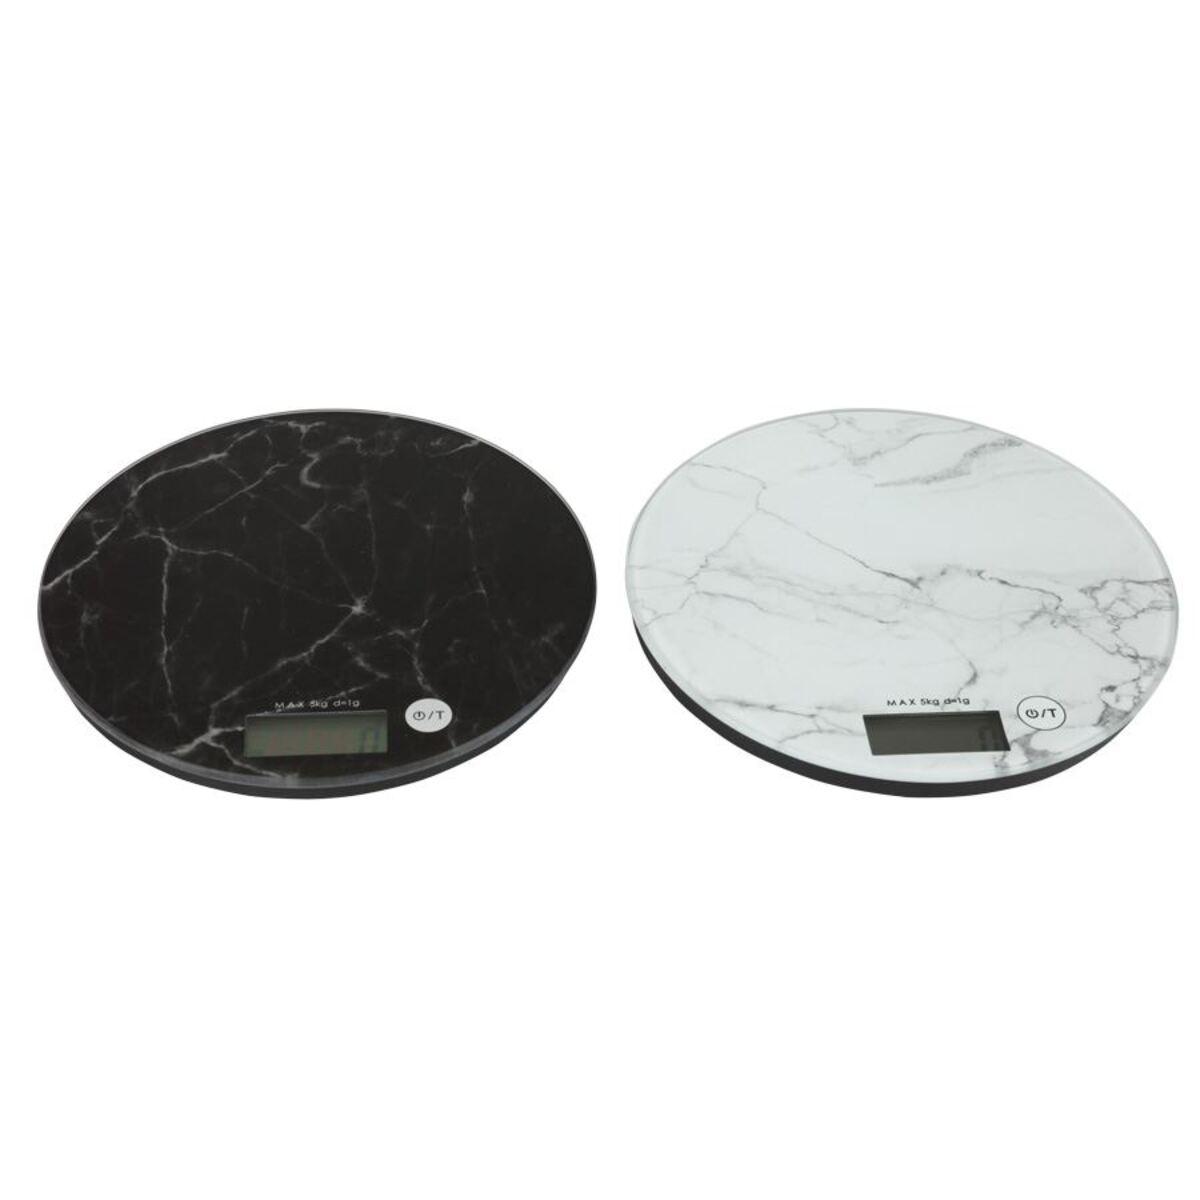 Bild 3 von Digitale Küchenwaage im Marmor-Design